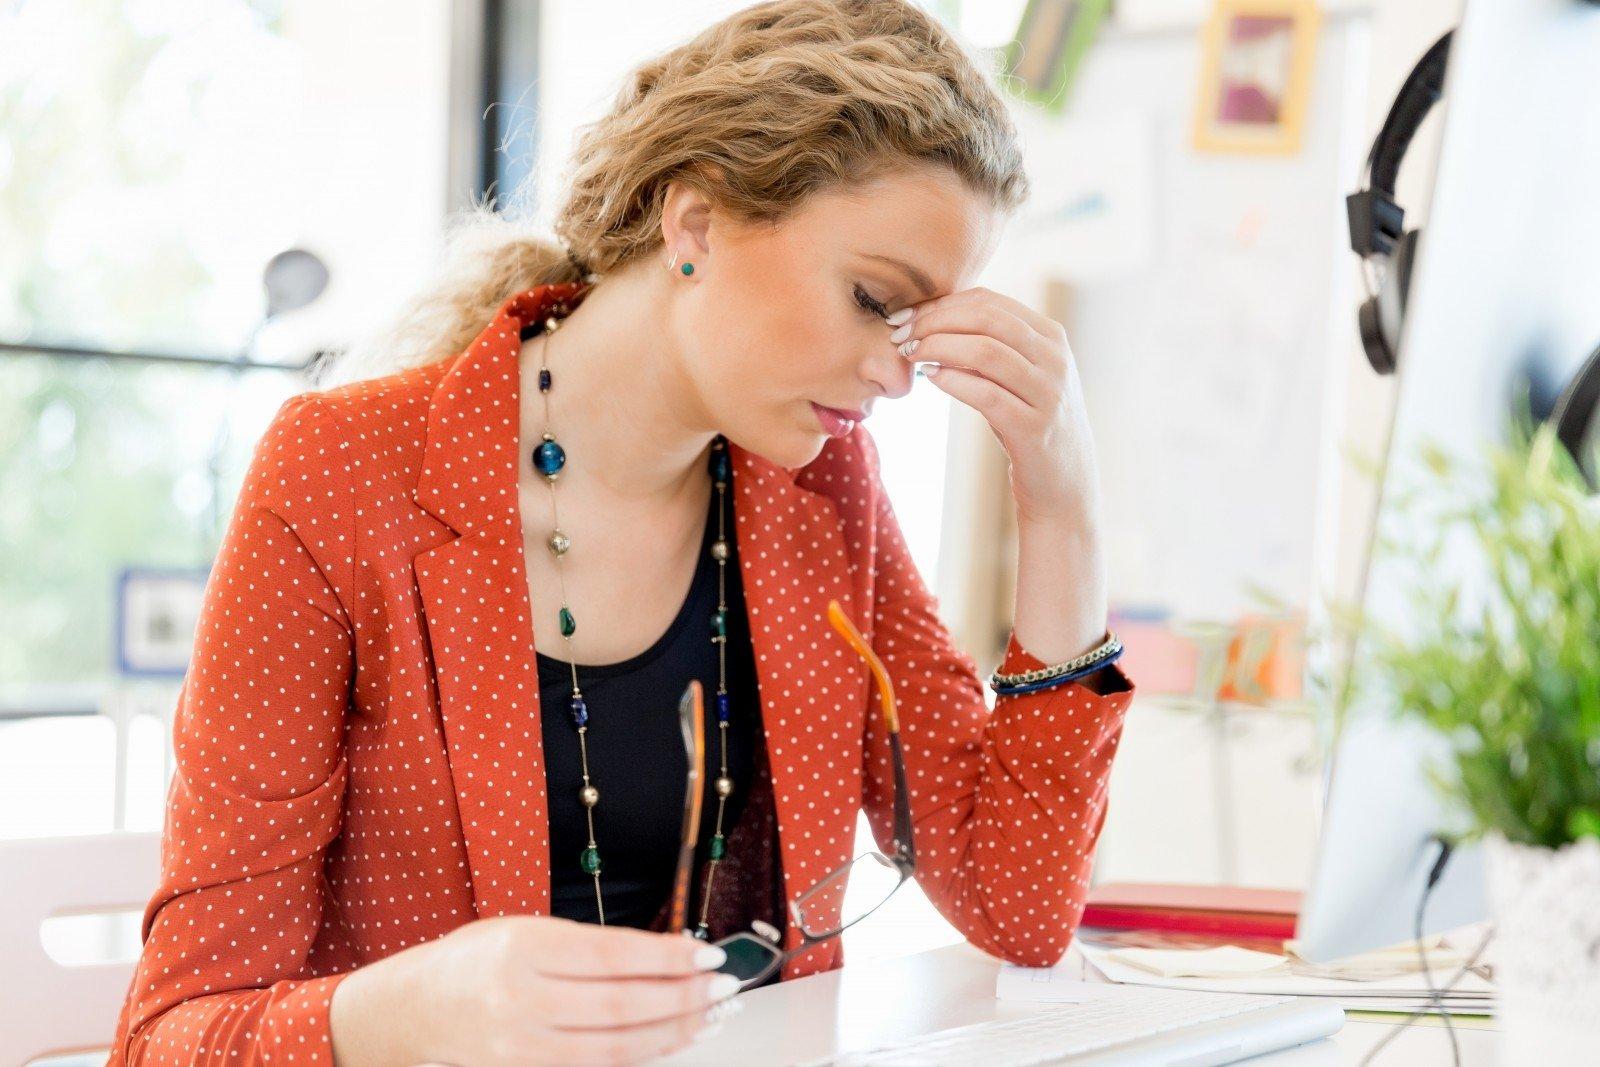 simptomai galvos svaigimas nuovargis apetito praradimas